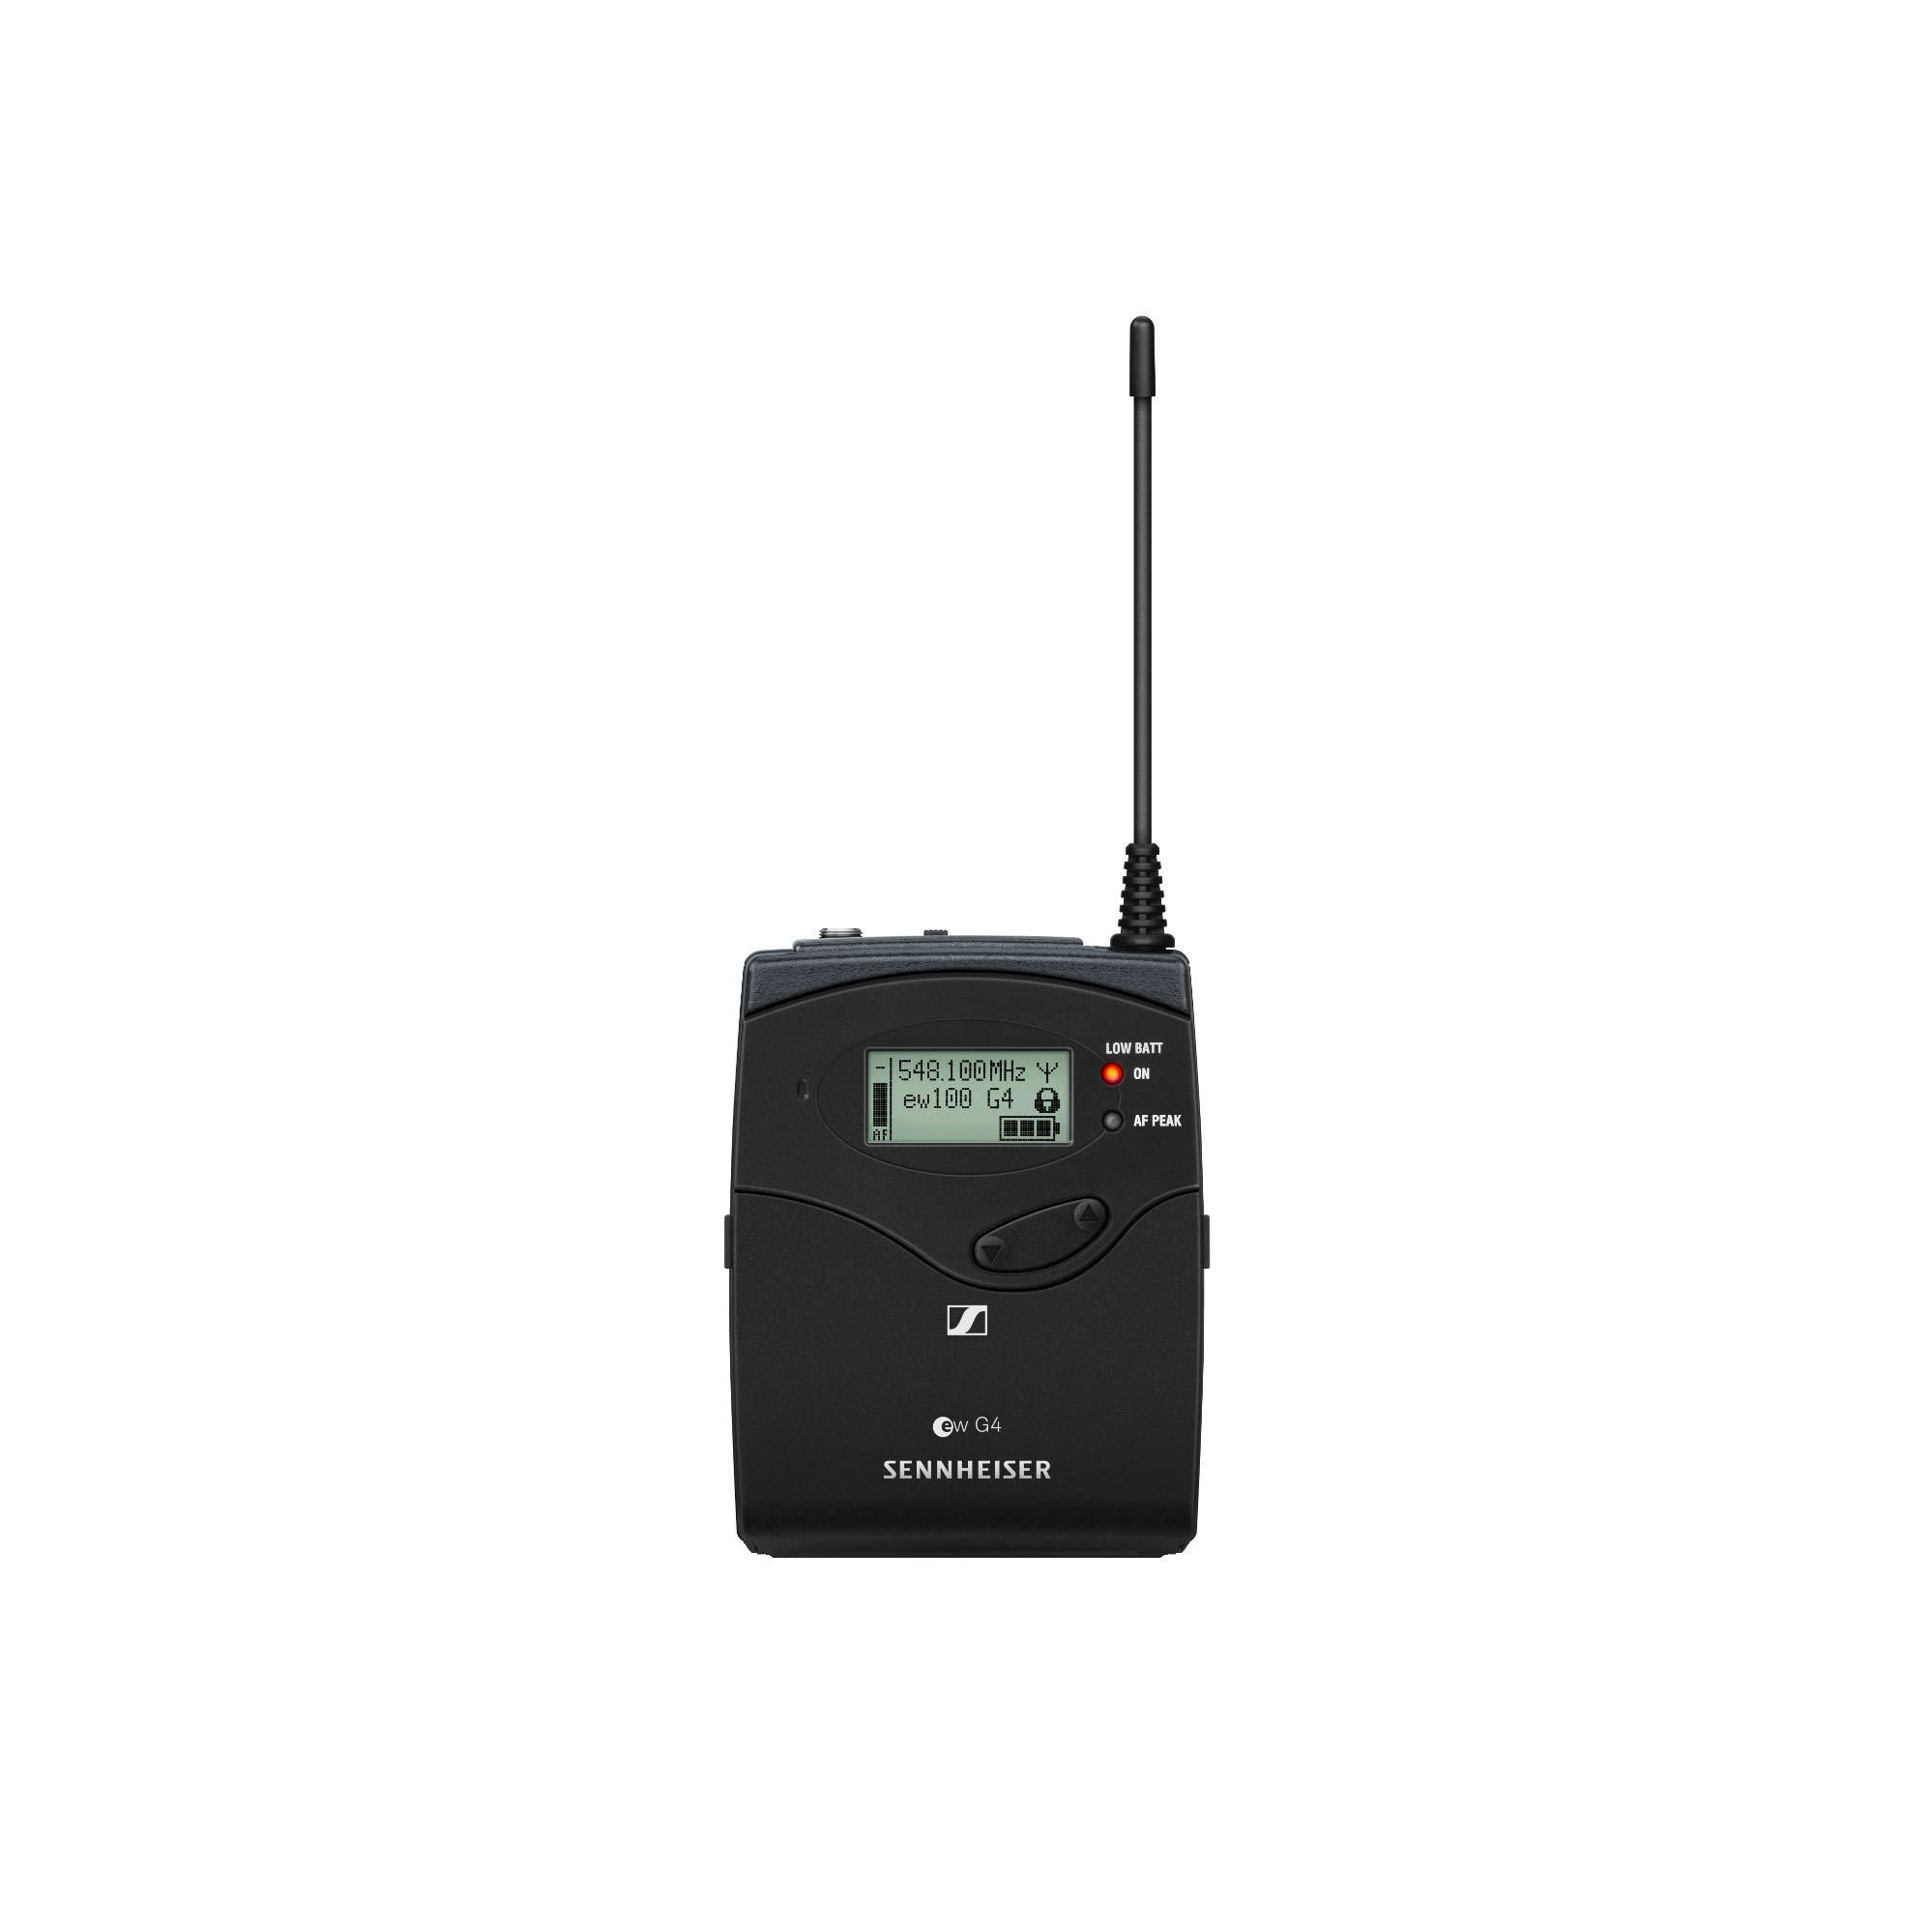 Sennheiser Pro Audio Bodypack Transmitter (SK 100 G4-A) by Sennheiser Pro Audio